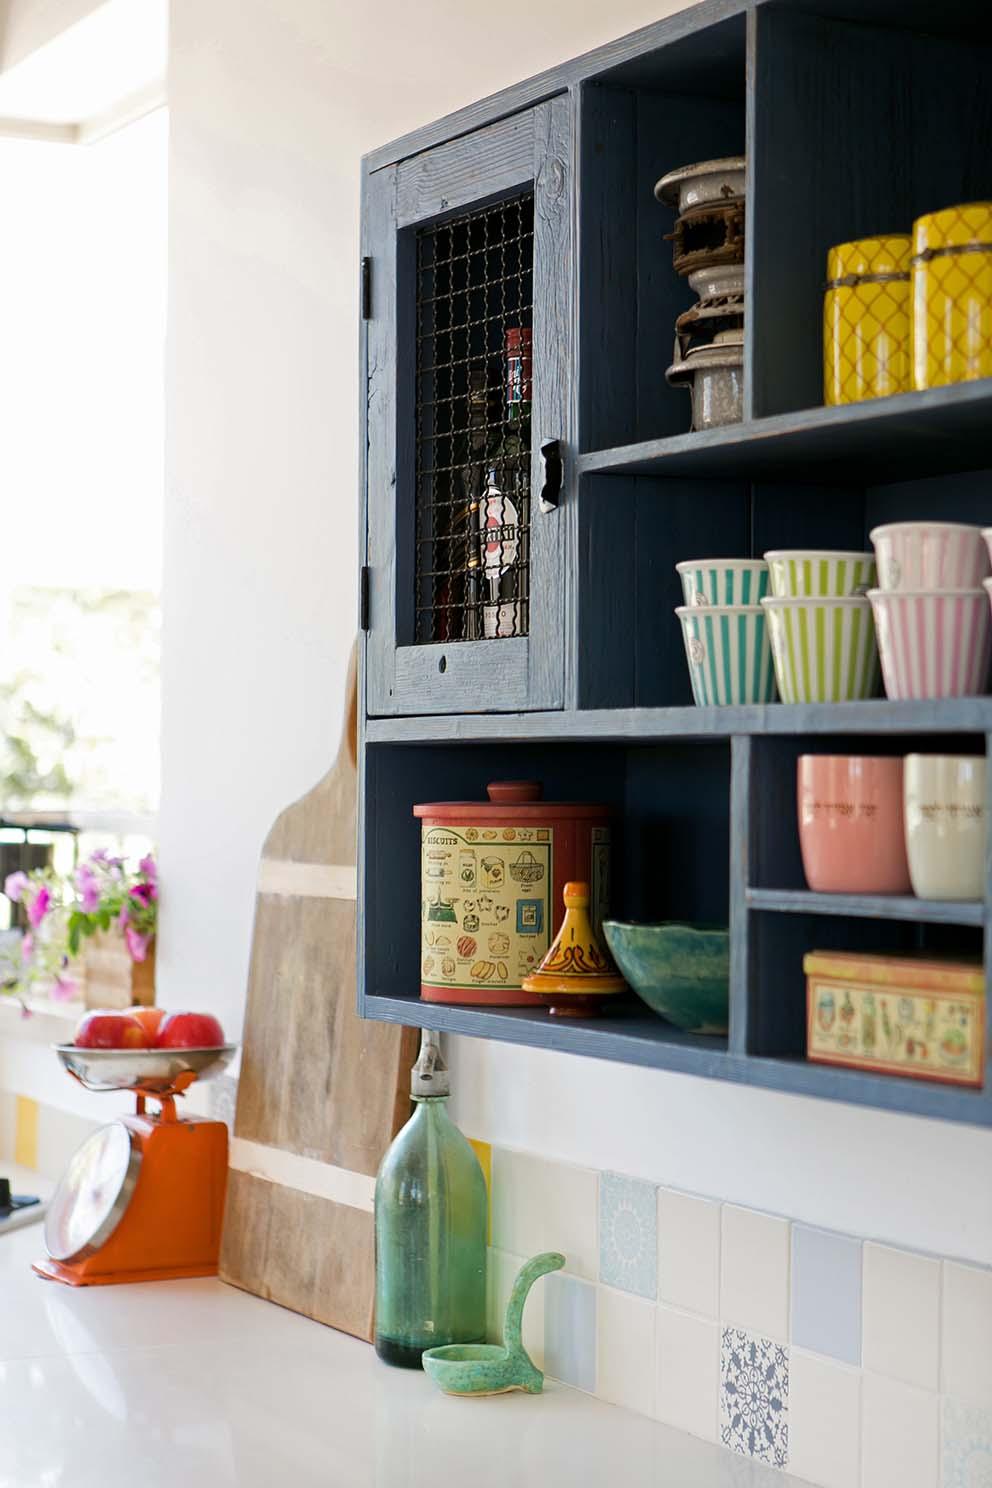 עיצוב: מירית הירשל שורק, צילום: שירן כרמל www.pnim.co.il